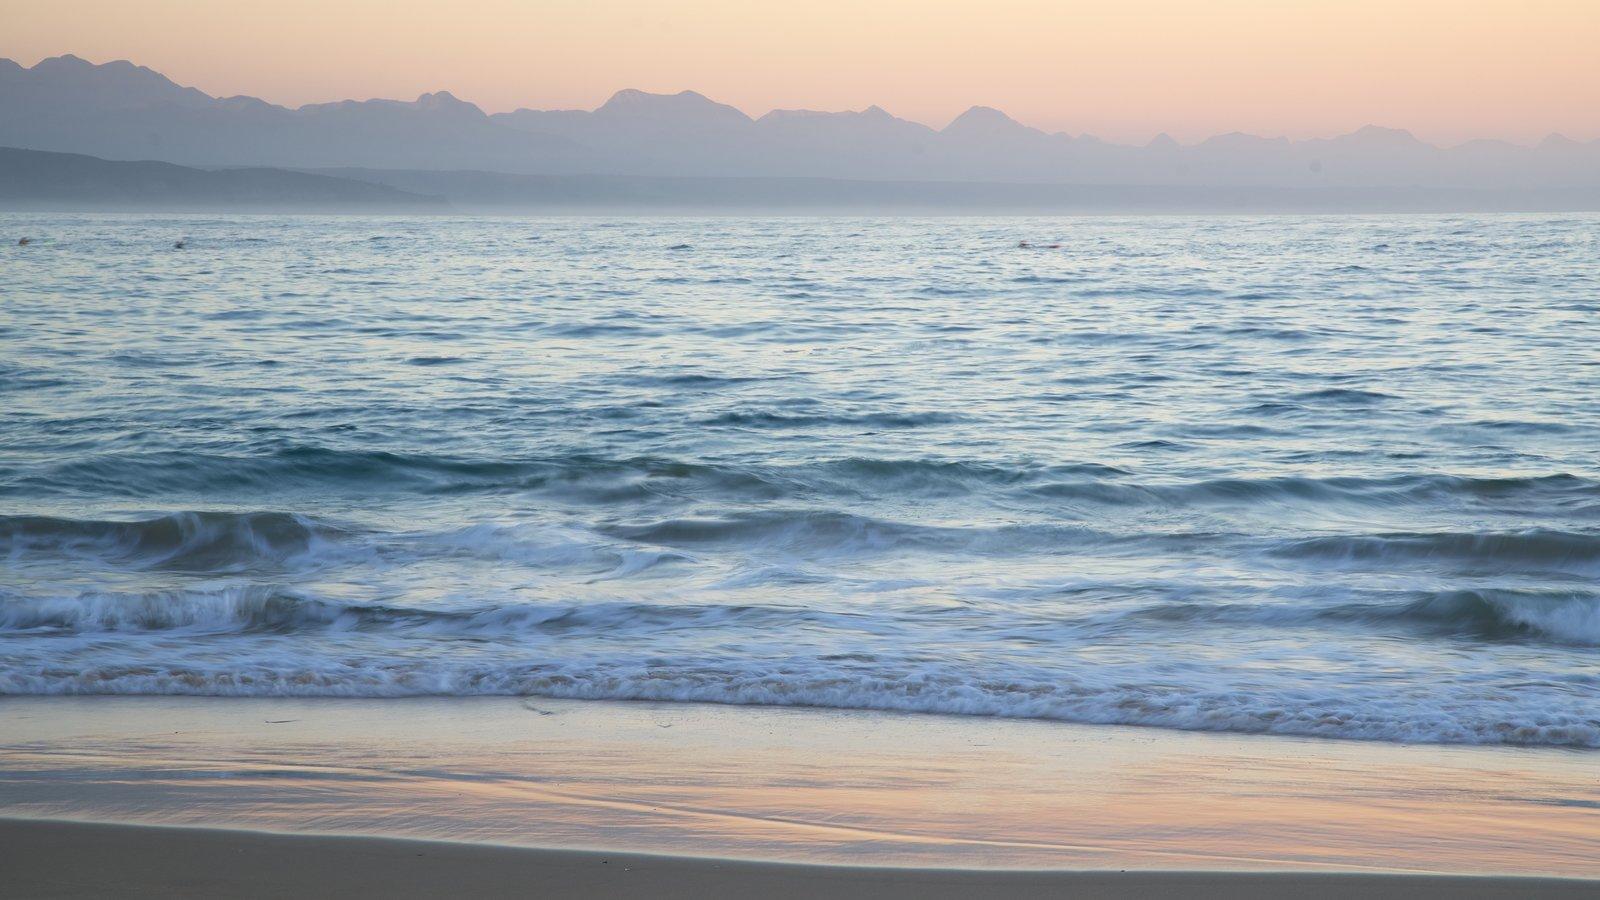 Praia da Baía Plettenberg caracterizando paisagens litorâneas, uma praia e um pôr do sol